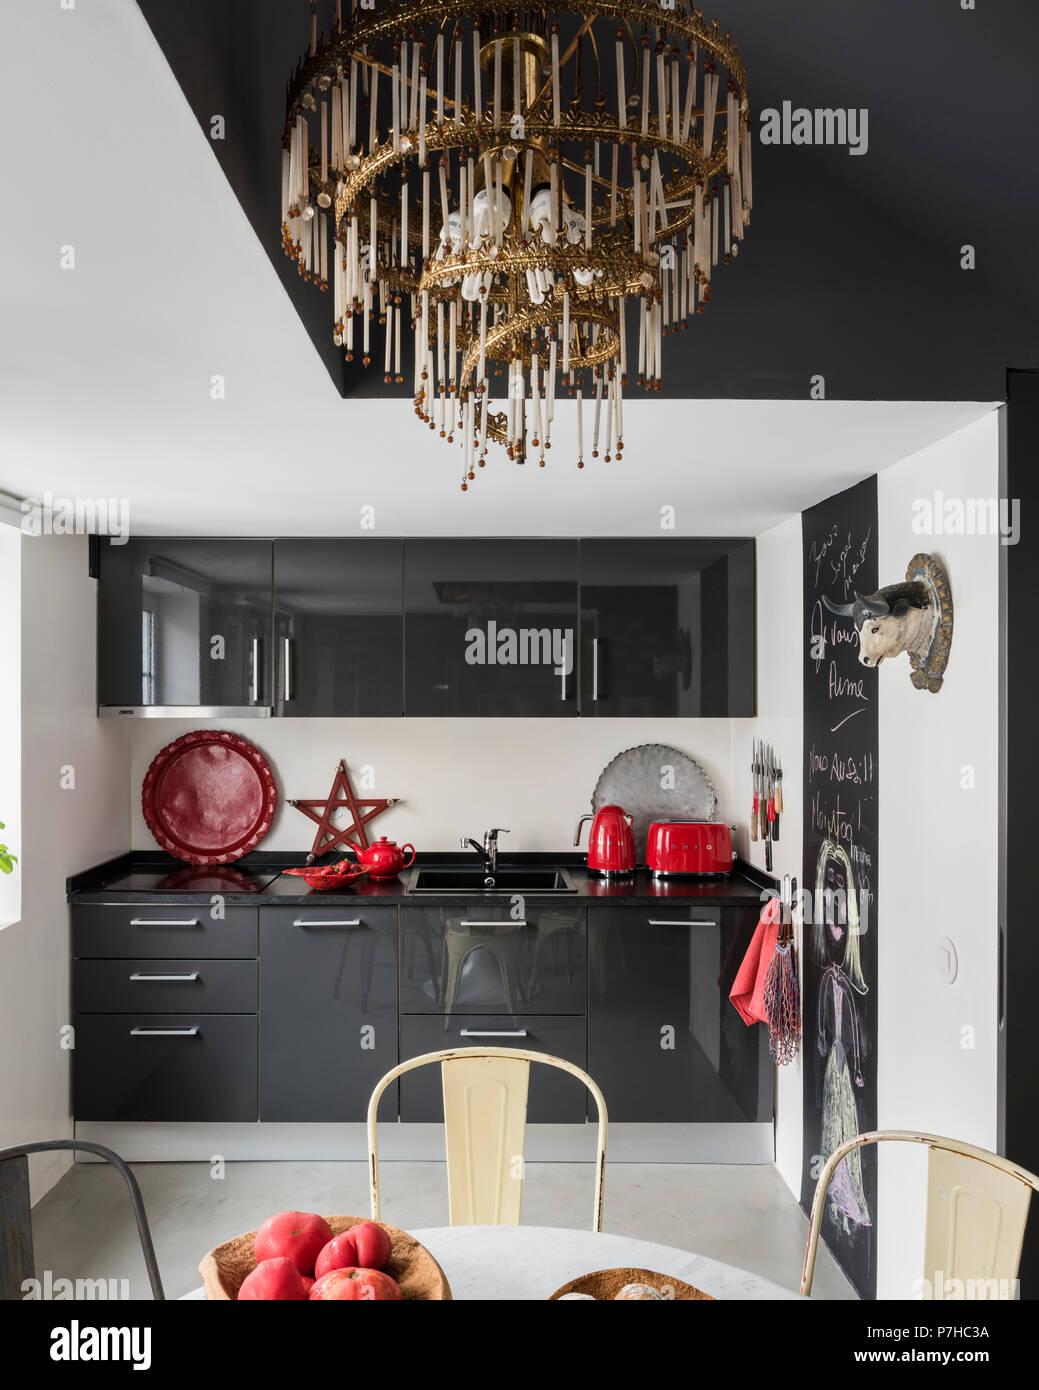 Fantastique Télévision la façade gris foncé en unités de cuisine cuisine NQ-68